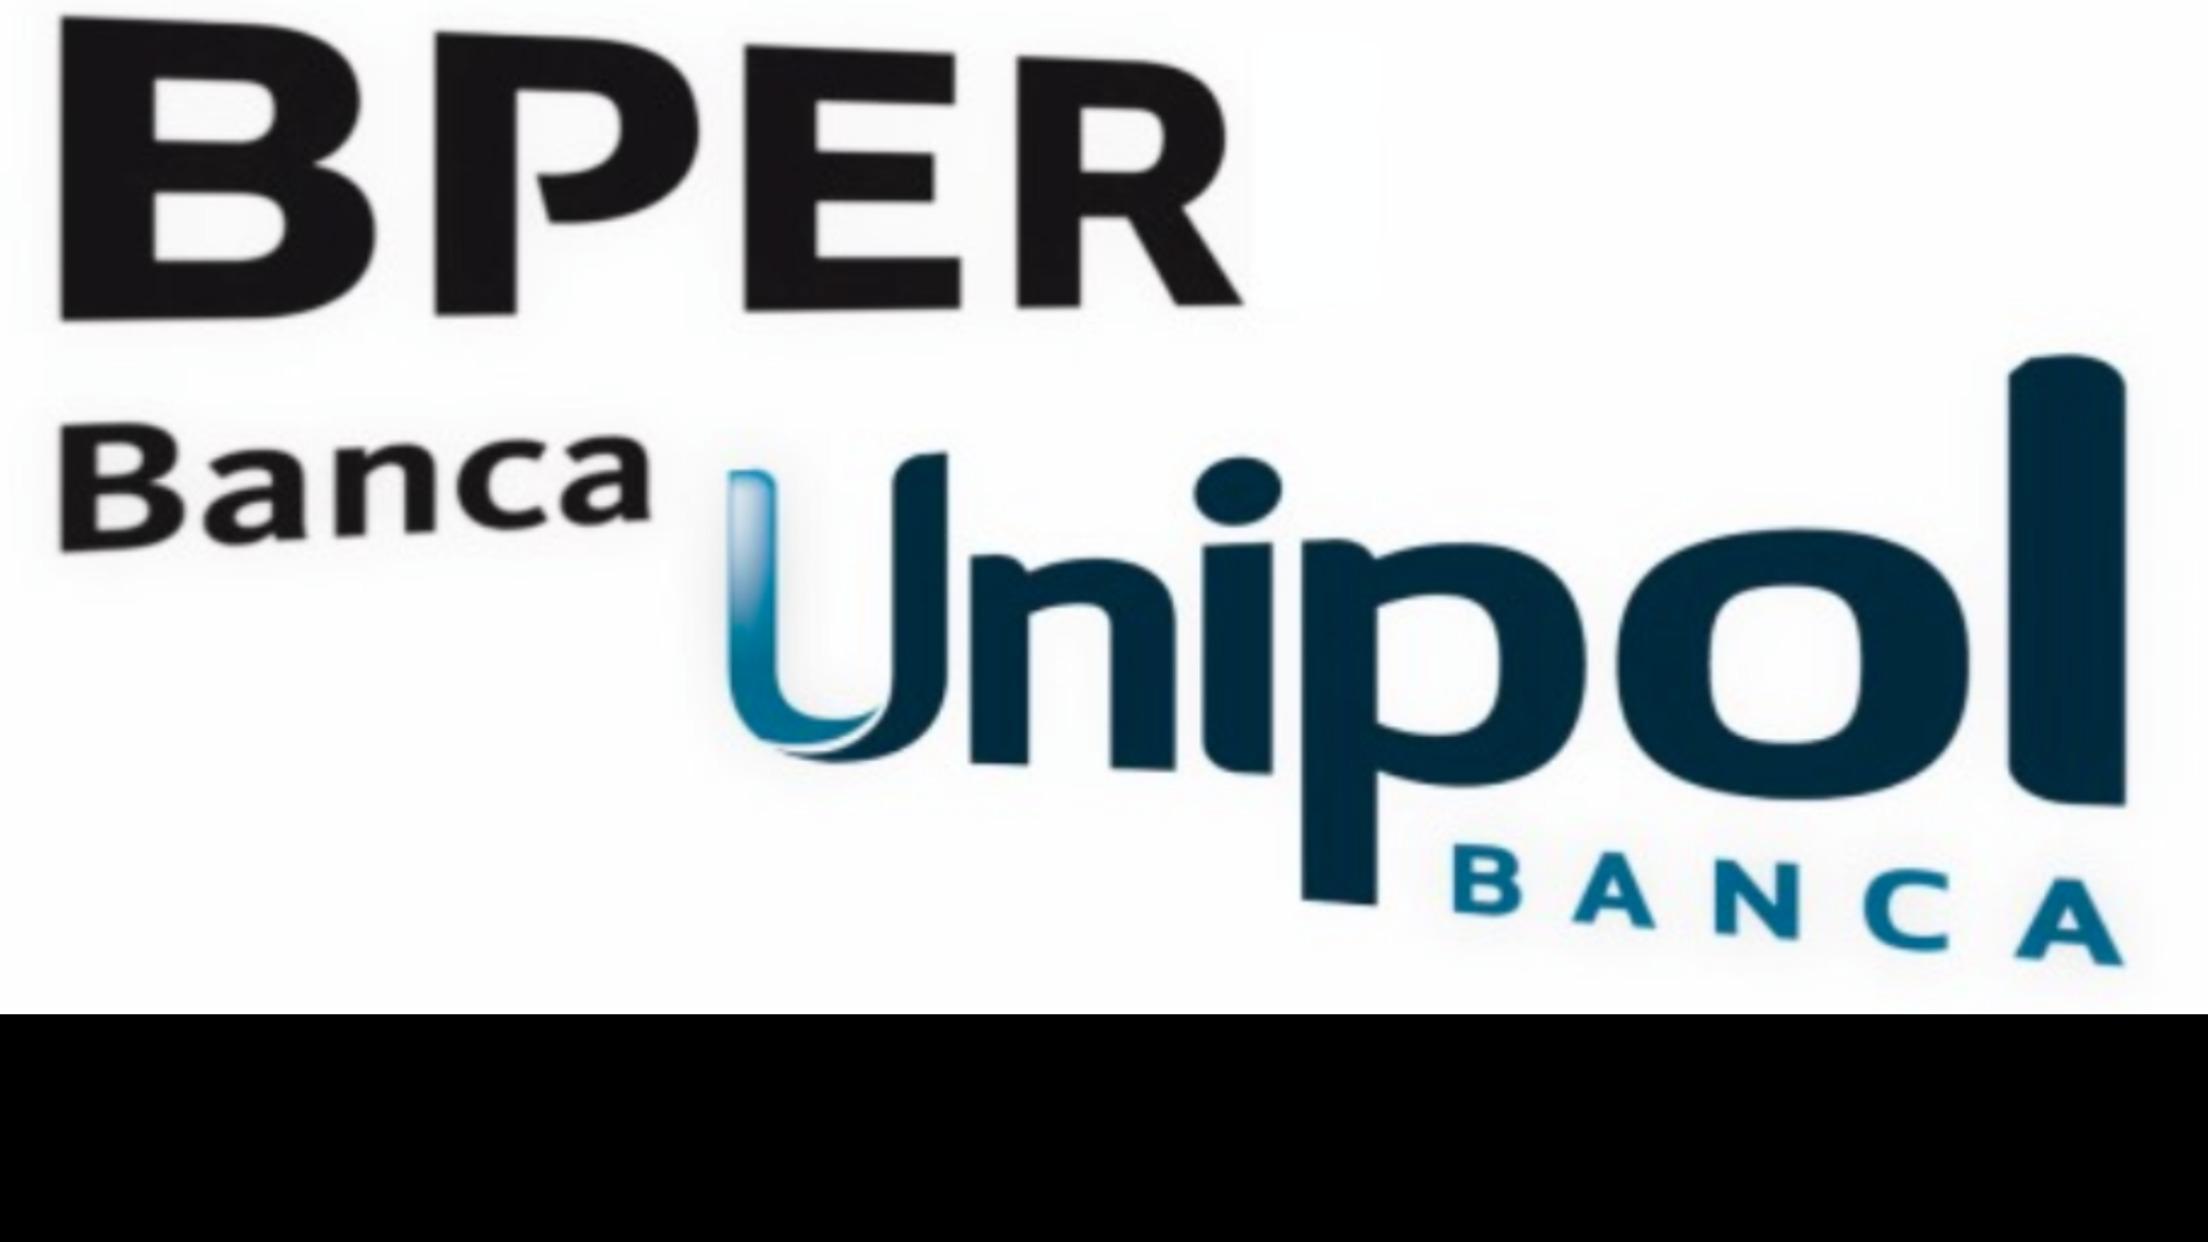 Unipolbanca Biper: è notizia e guarda al futuro